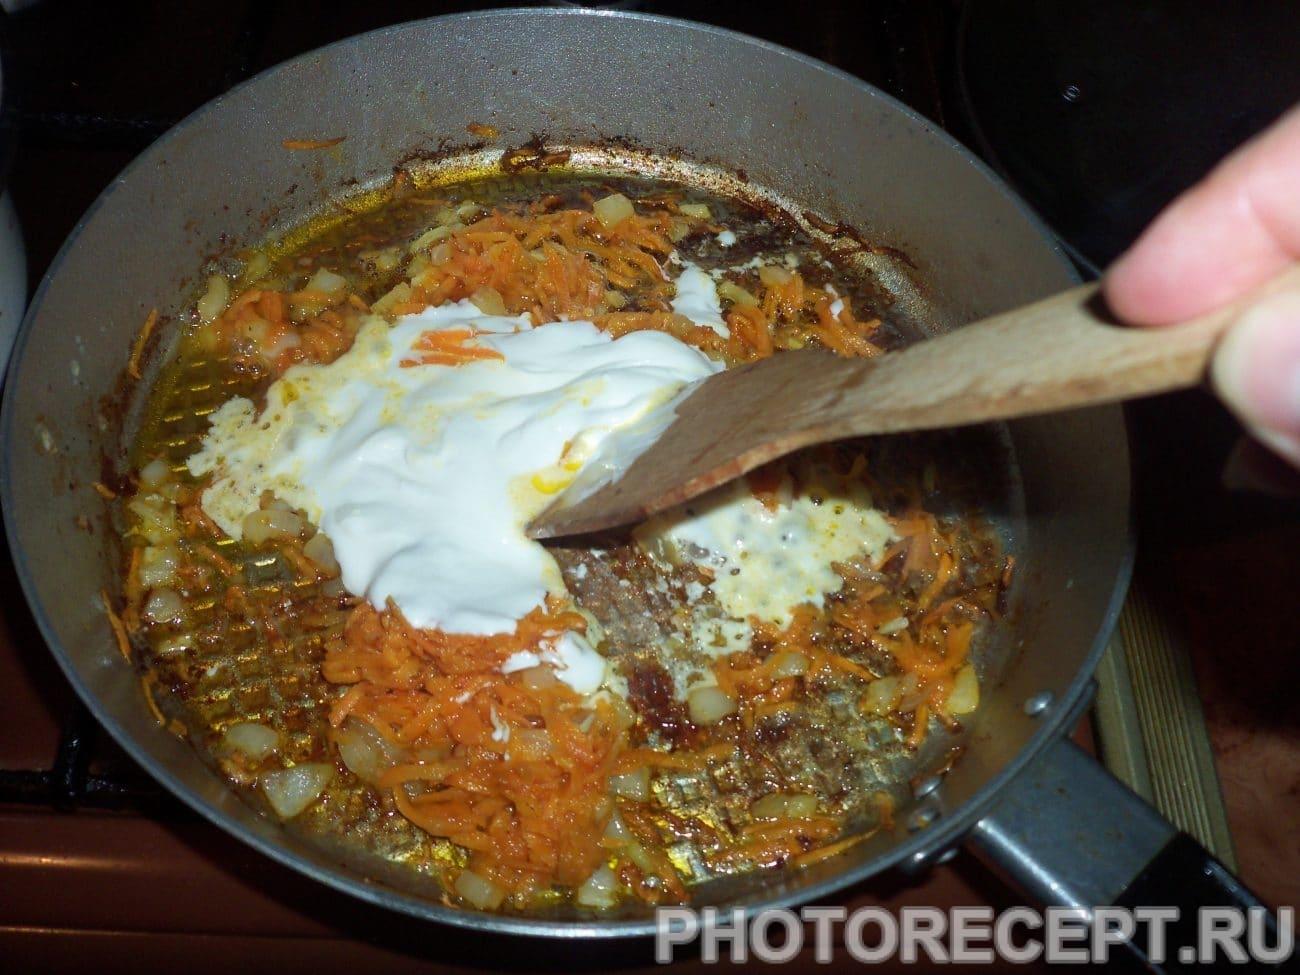 Кролик тушеный в сметане - вкусные рецепты приготовления